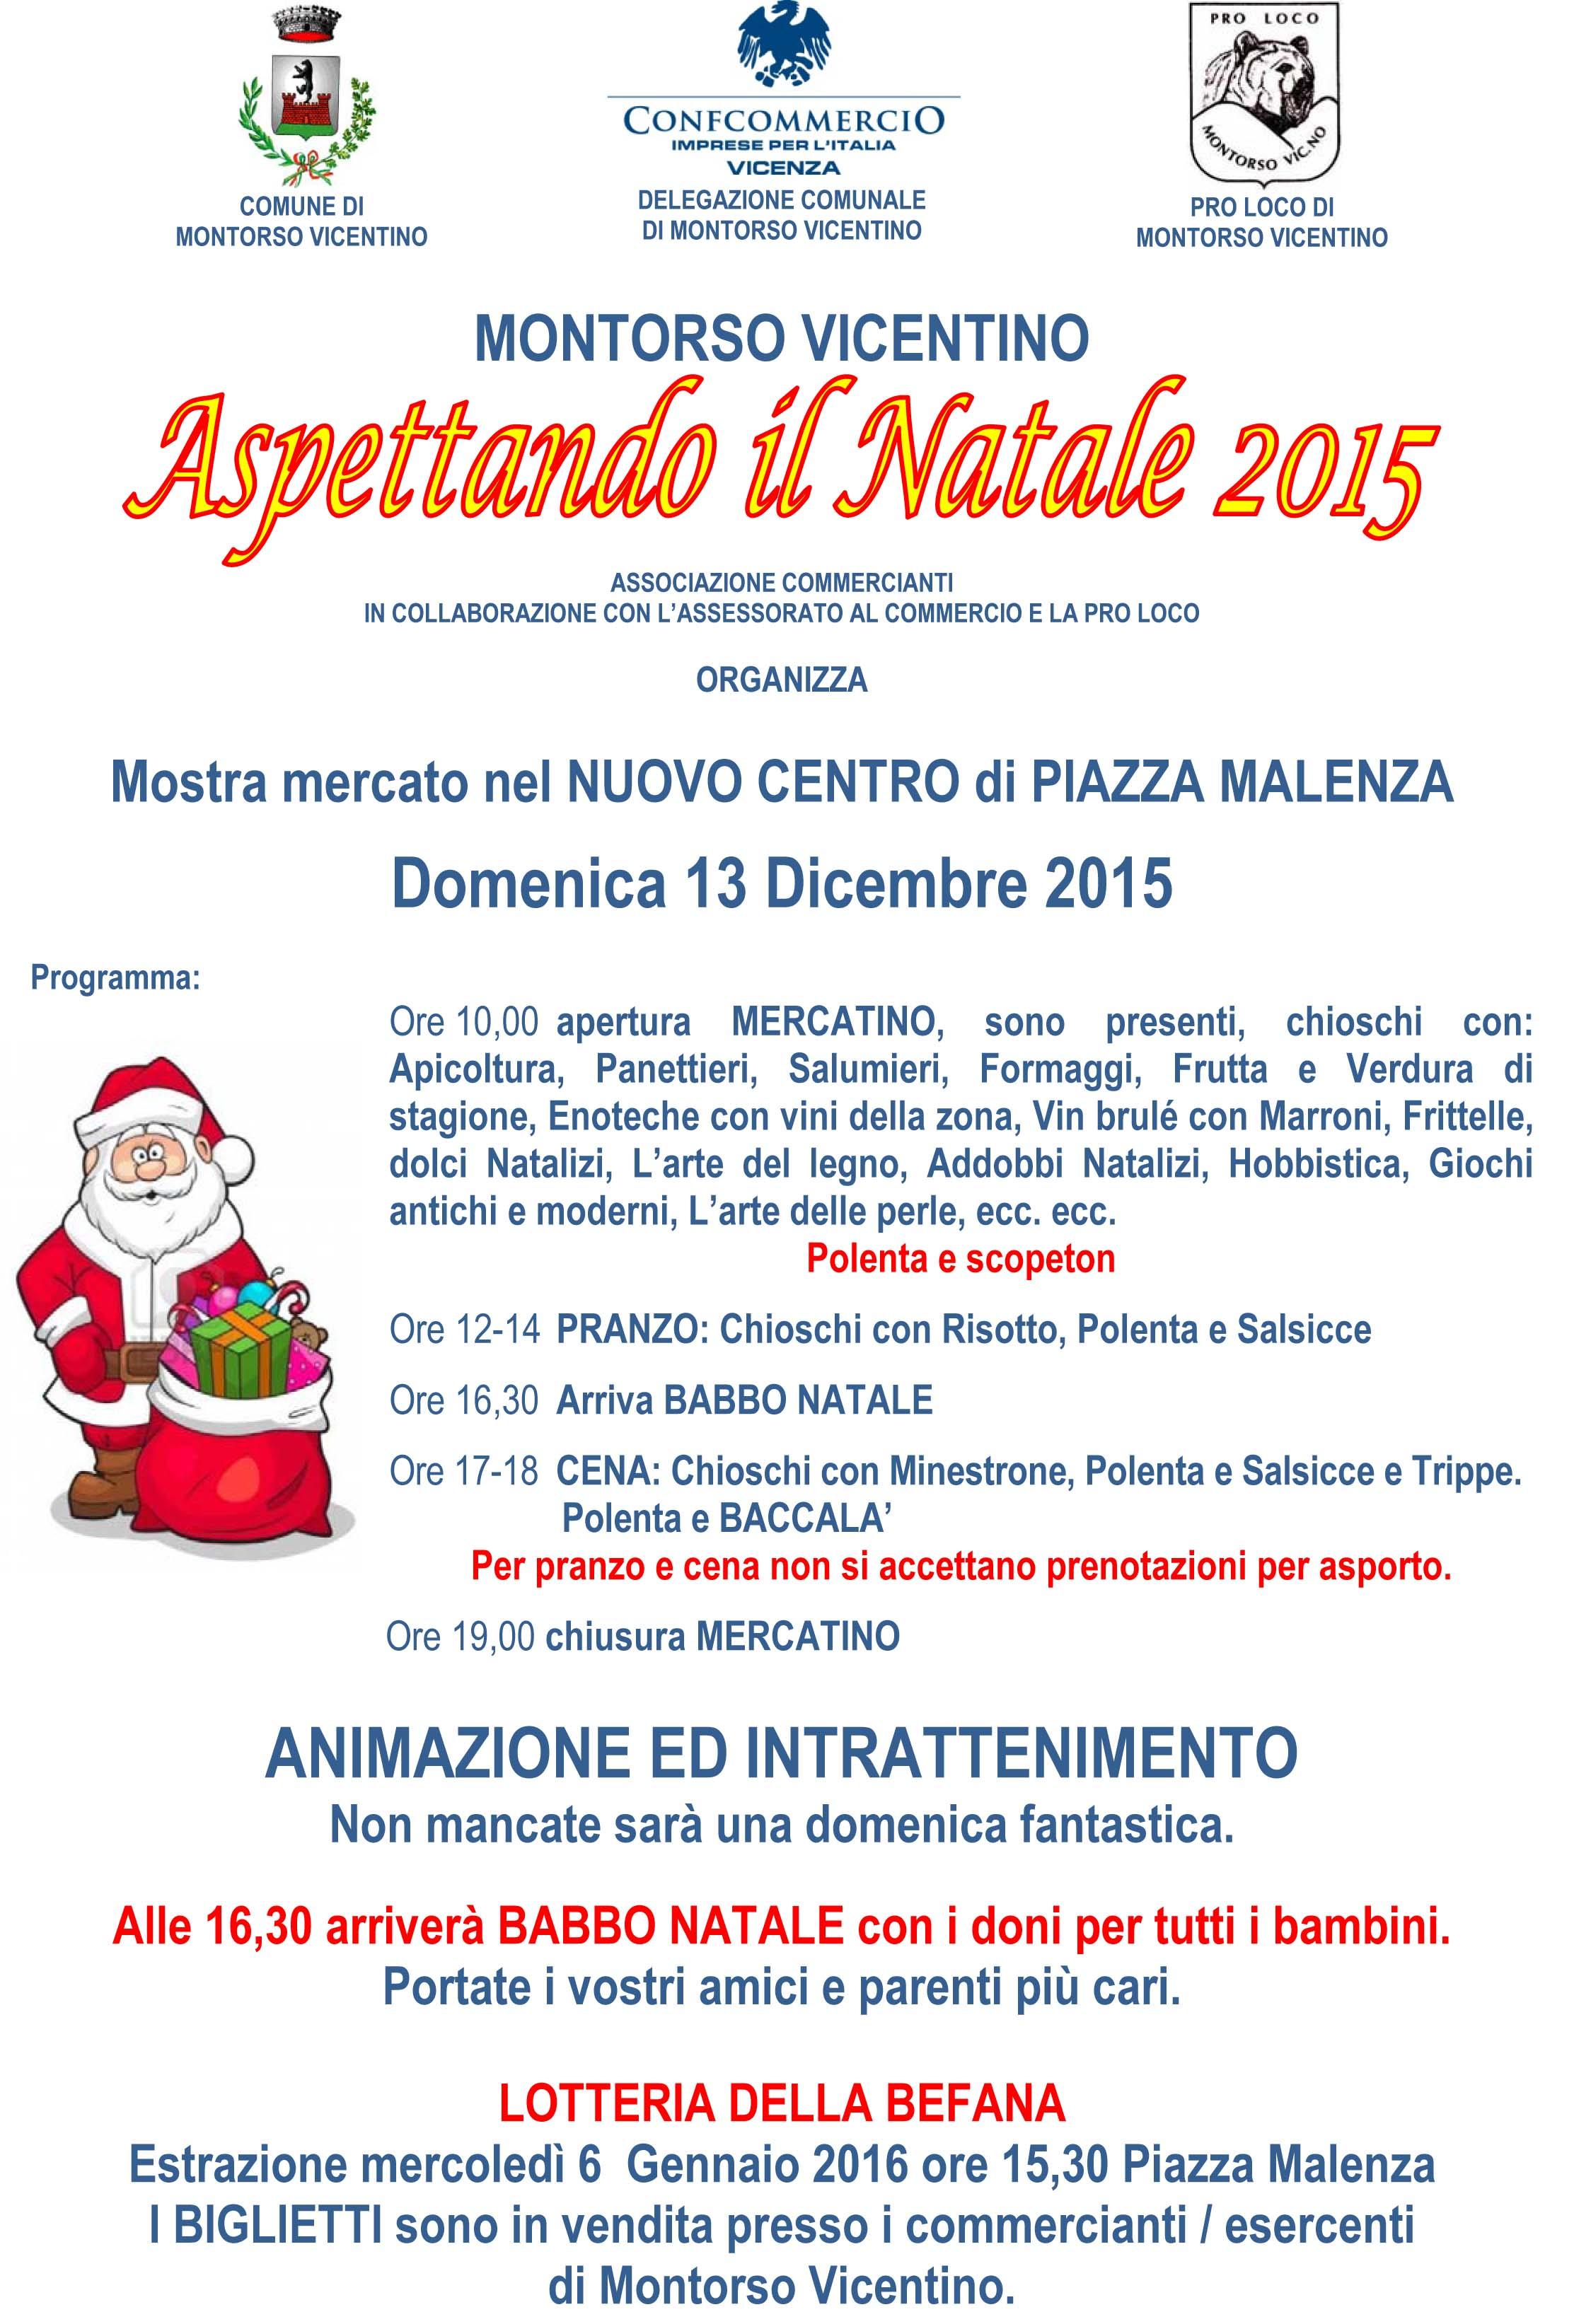 Microsoft Word - Volantino Aspetando il Natale 2015